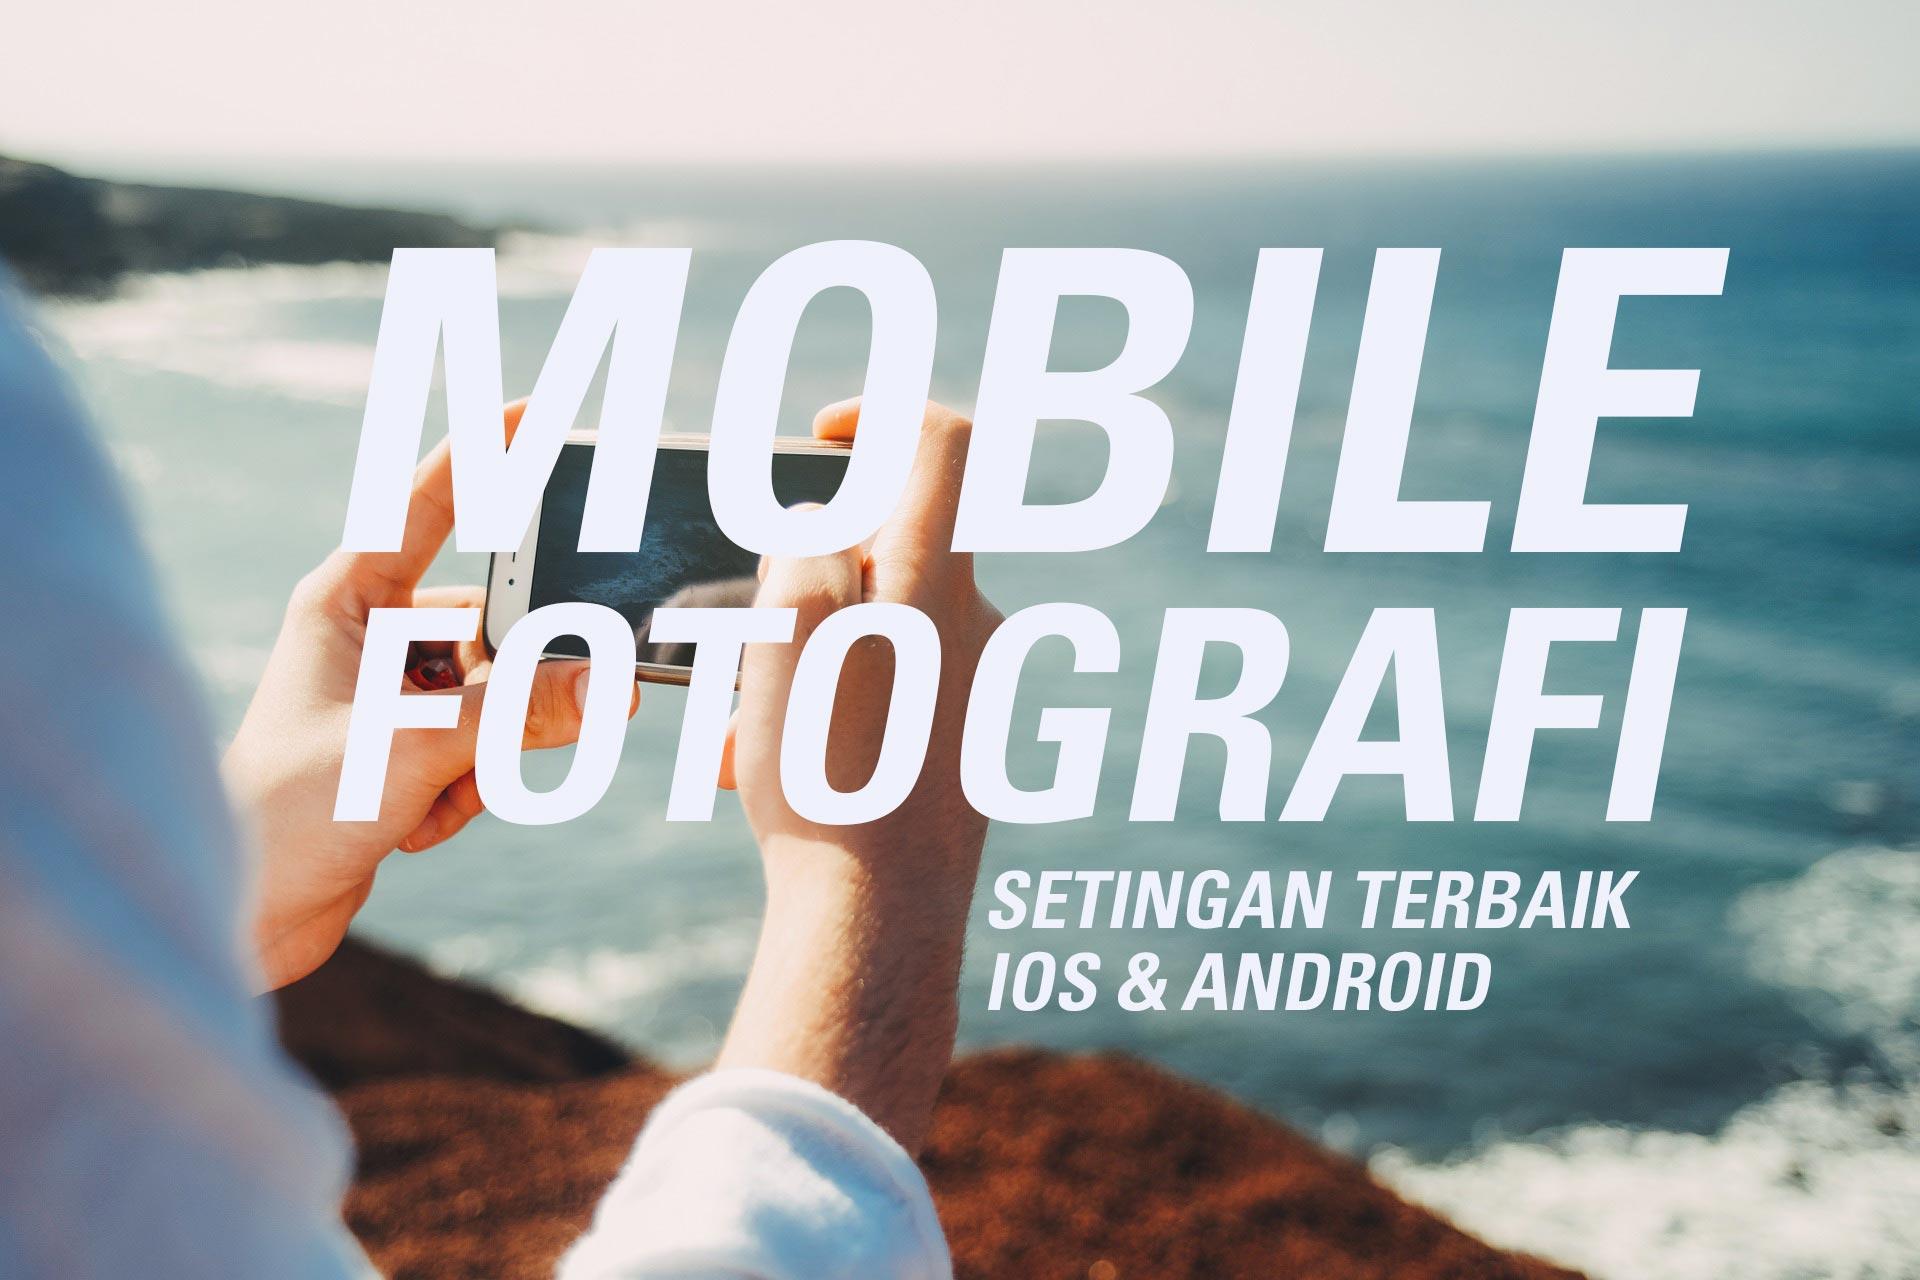 Fotografi dengan handphone/hp/ponsel android dan ios iphone